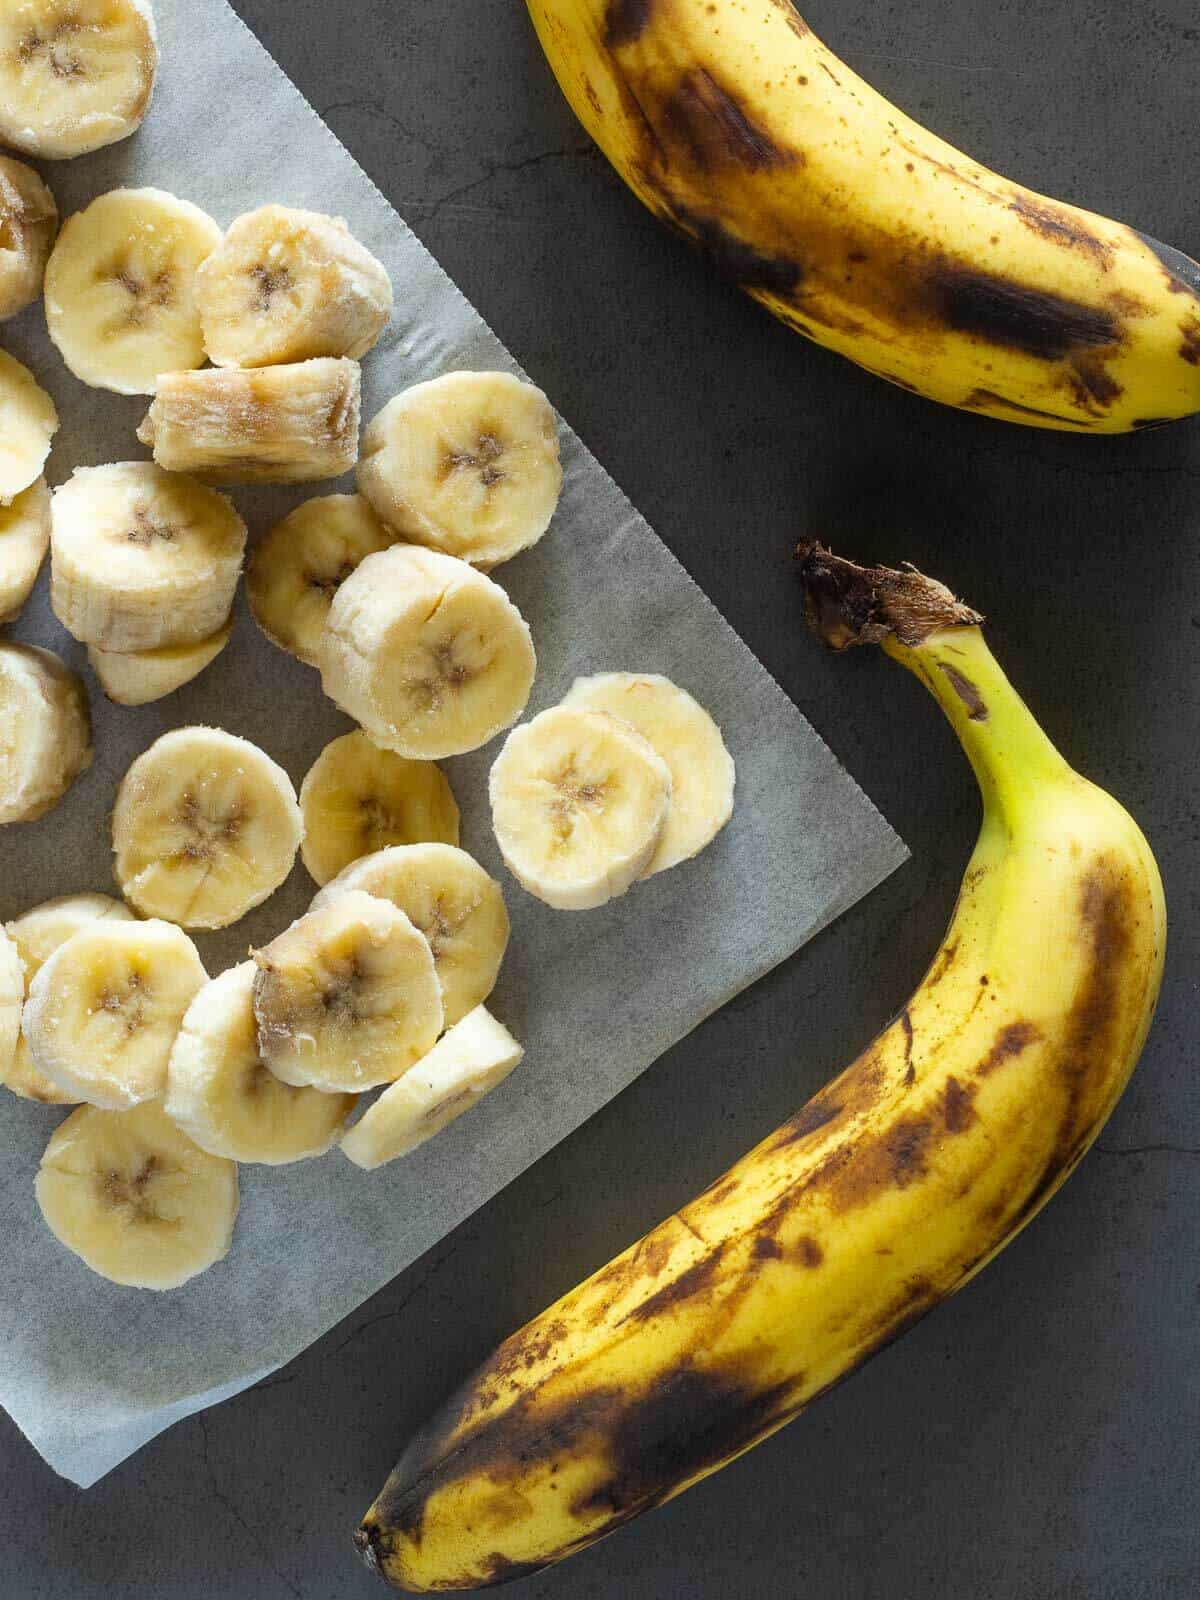 frozen bananas for peanu banana ice cream